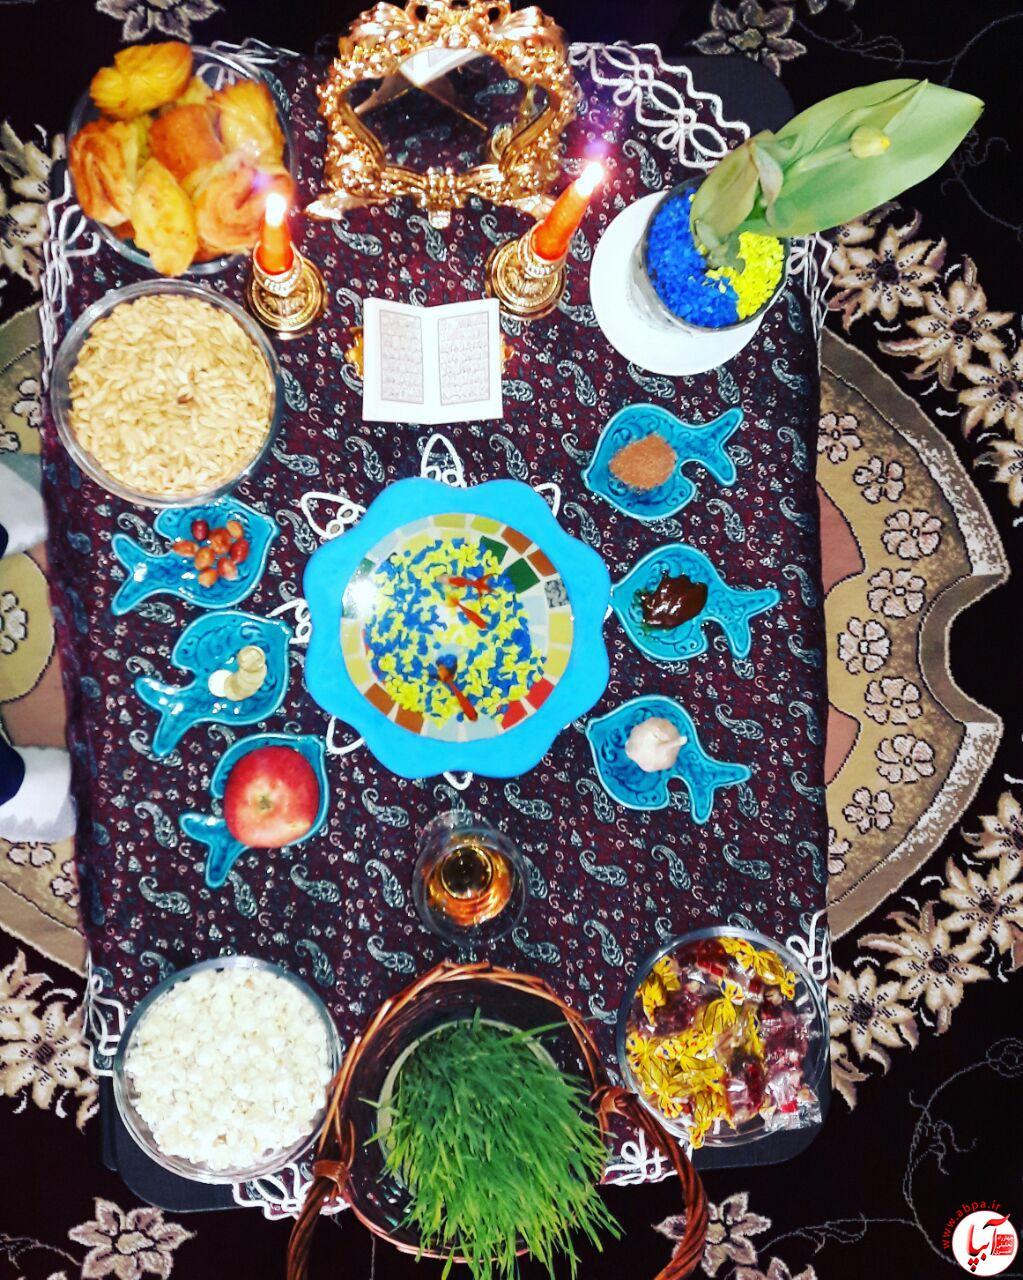 محمد-ذوالفقارلو آلبوم تصاویر سفره های هفت سین 96 مخاطبین آبپا